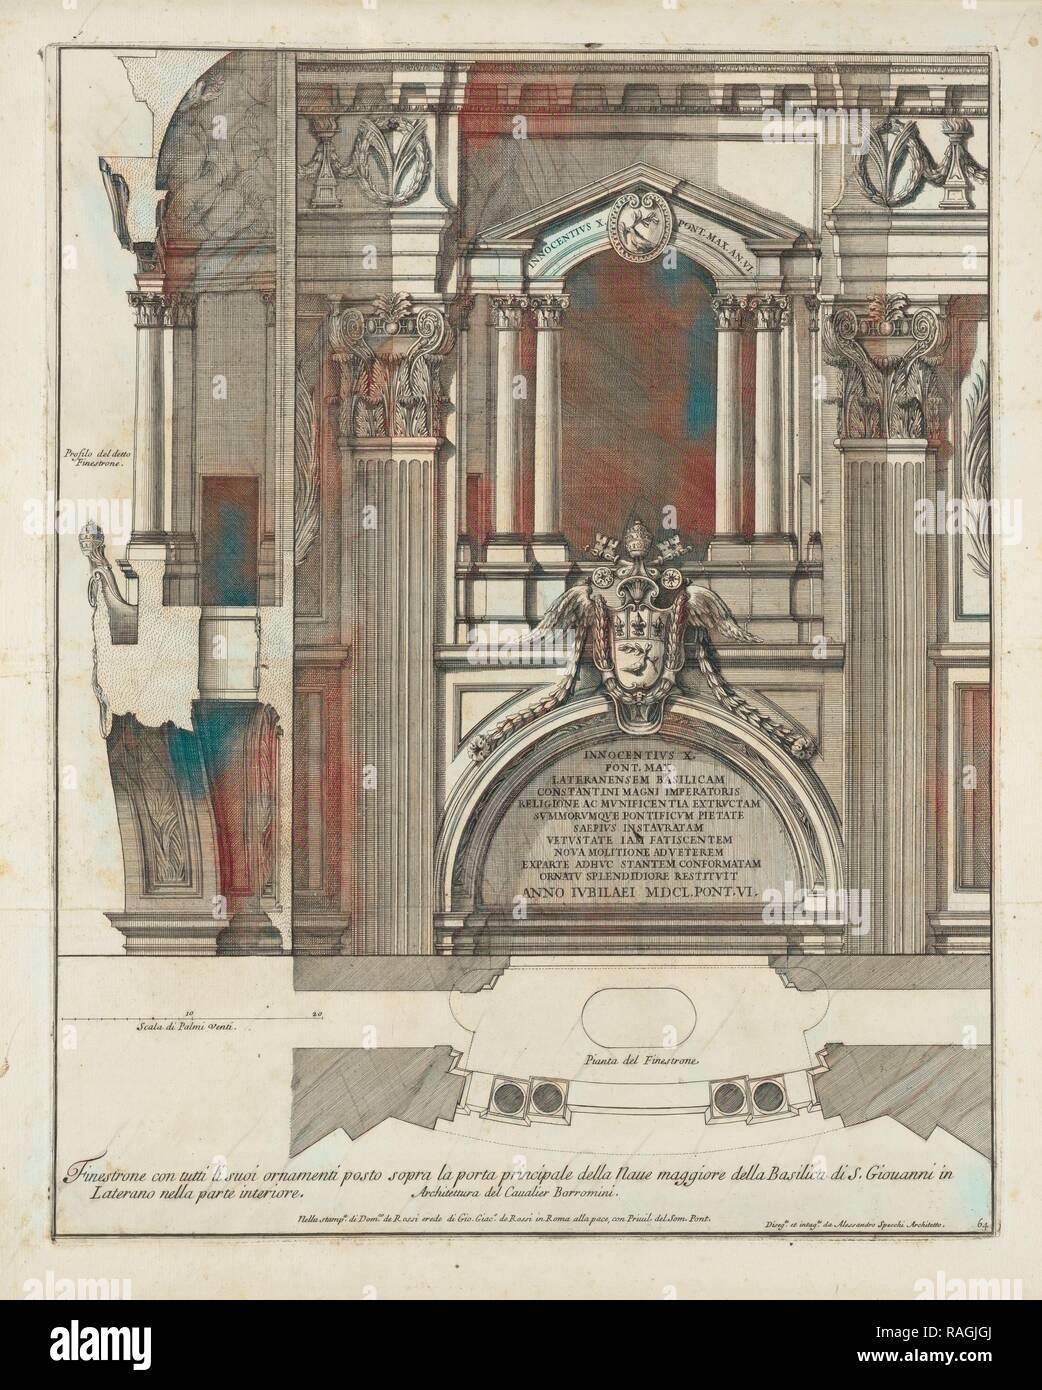 Finestrone con tutti li suoi ornamenti posto sopra la porta principale della naue maggiore della Basilica di S reimagined - Stock Image